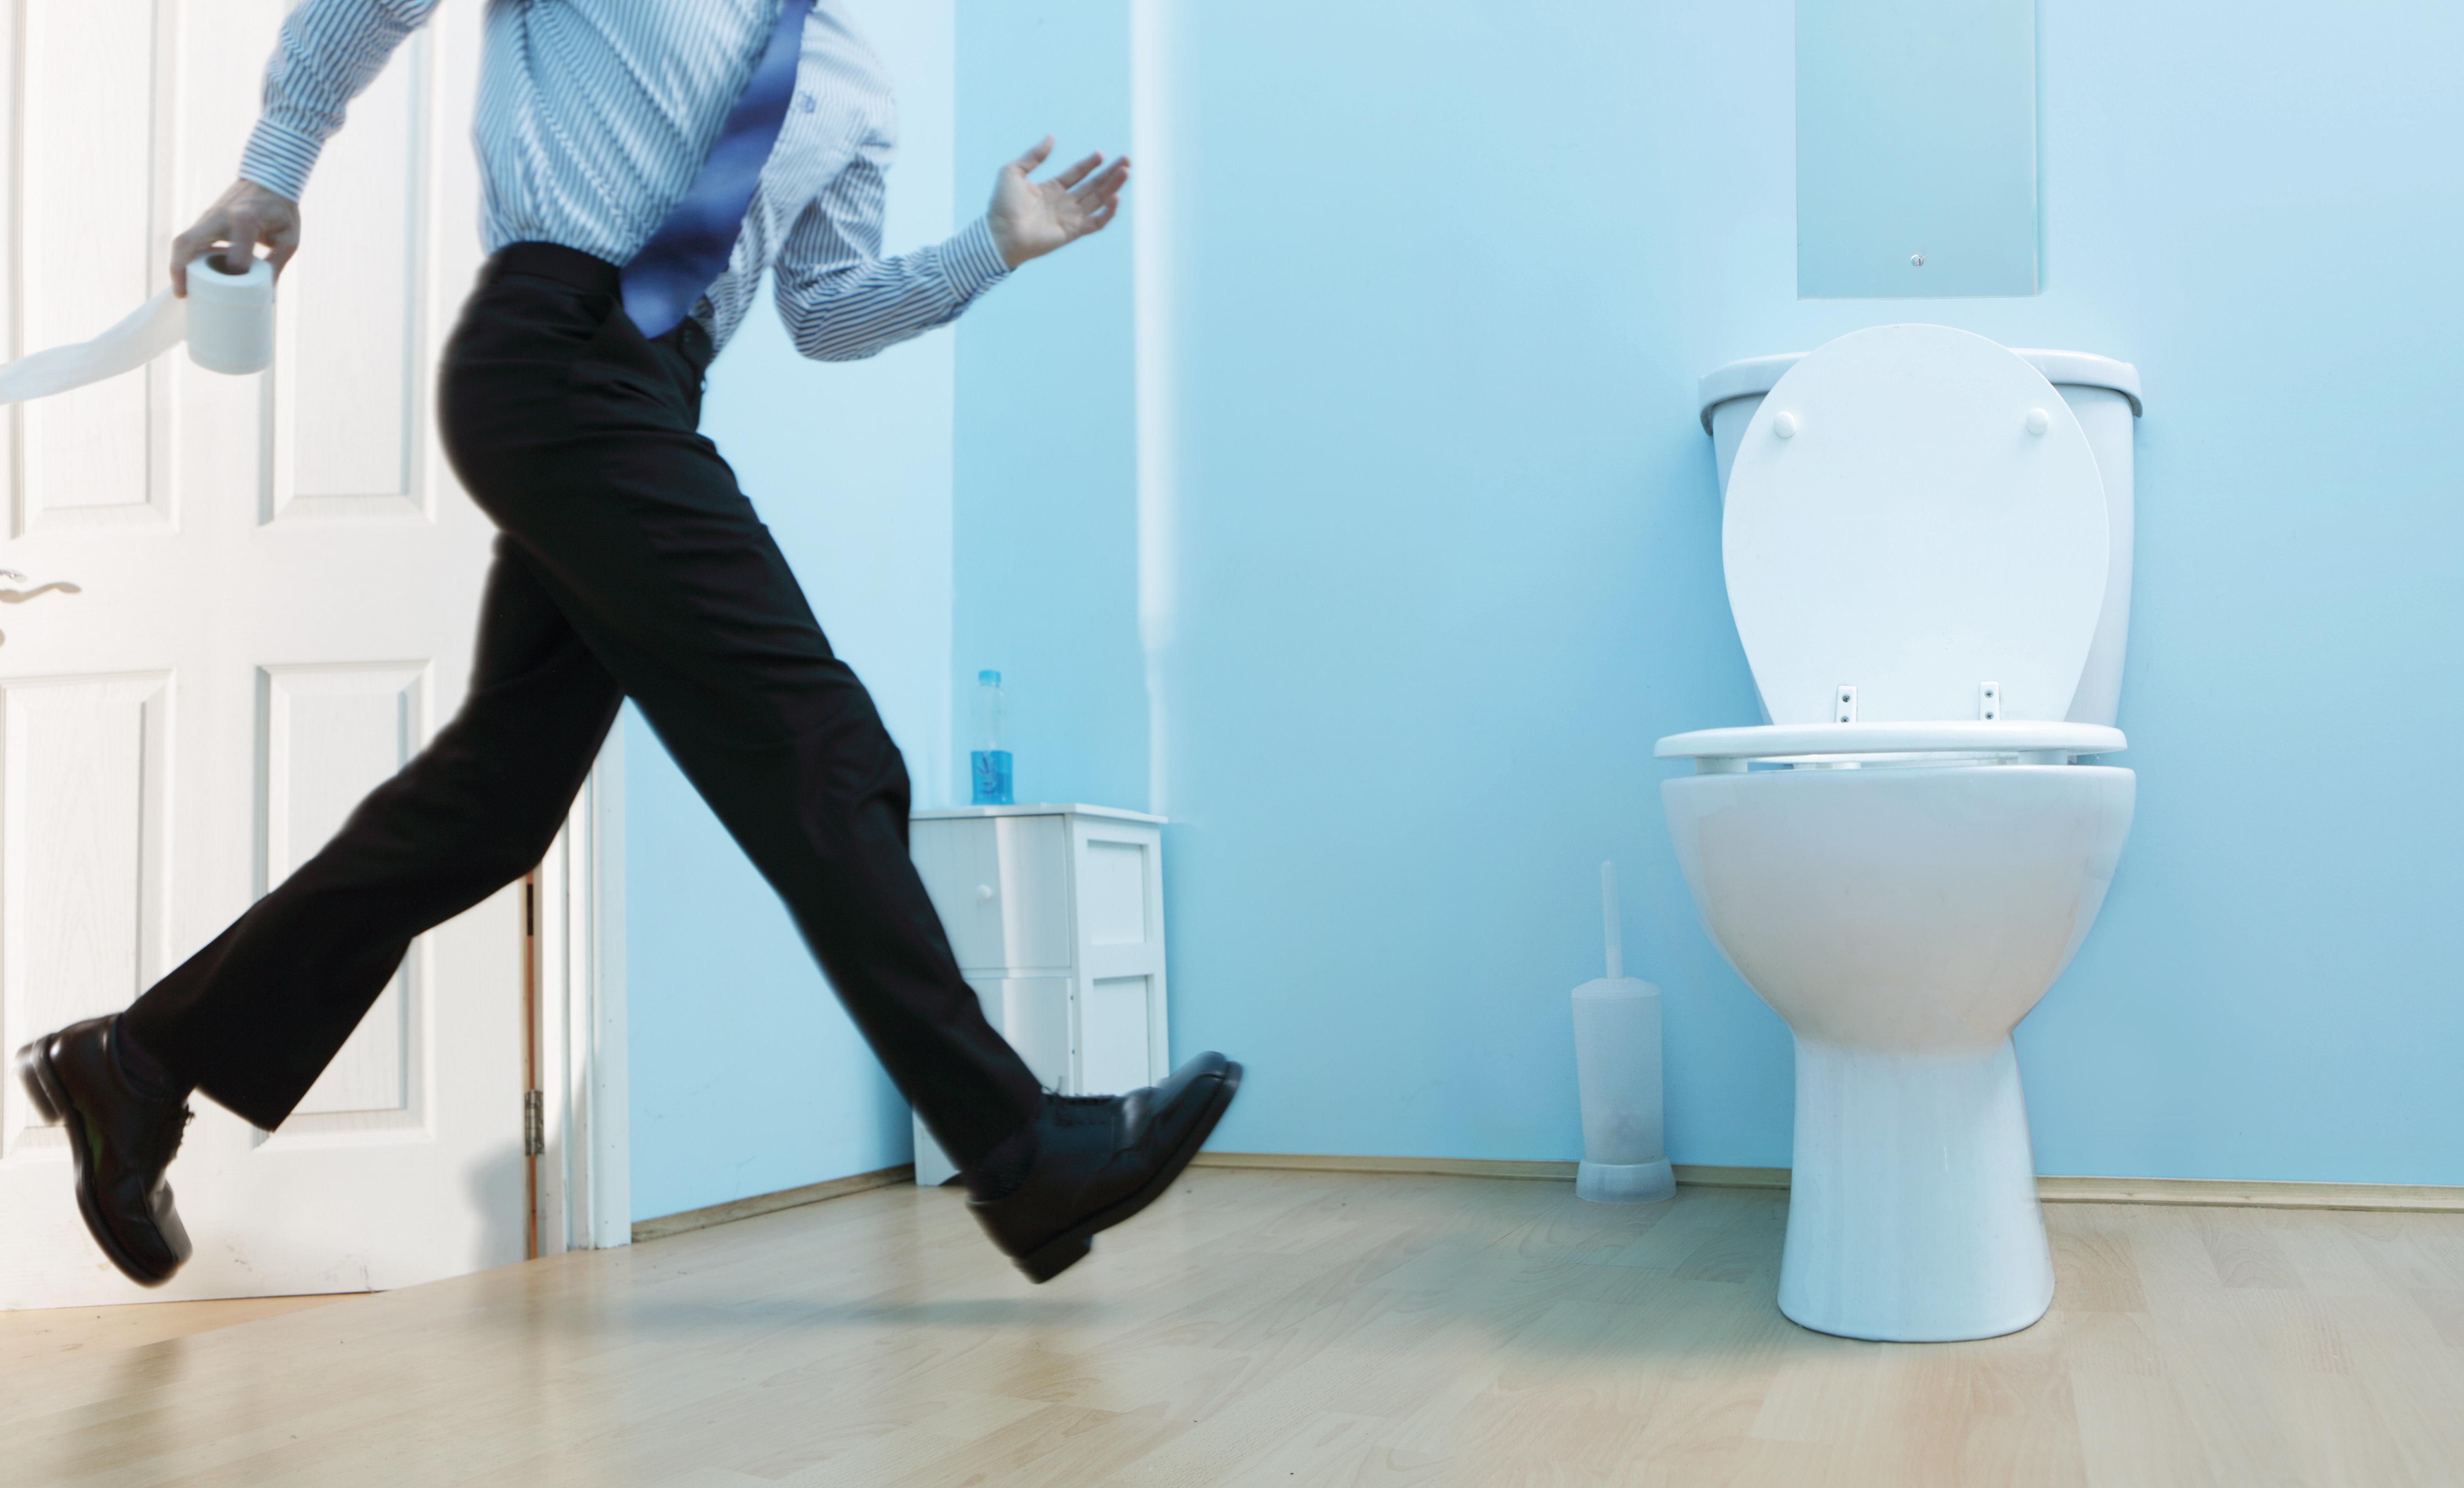 Bathroom leak pee piss stop